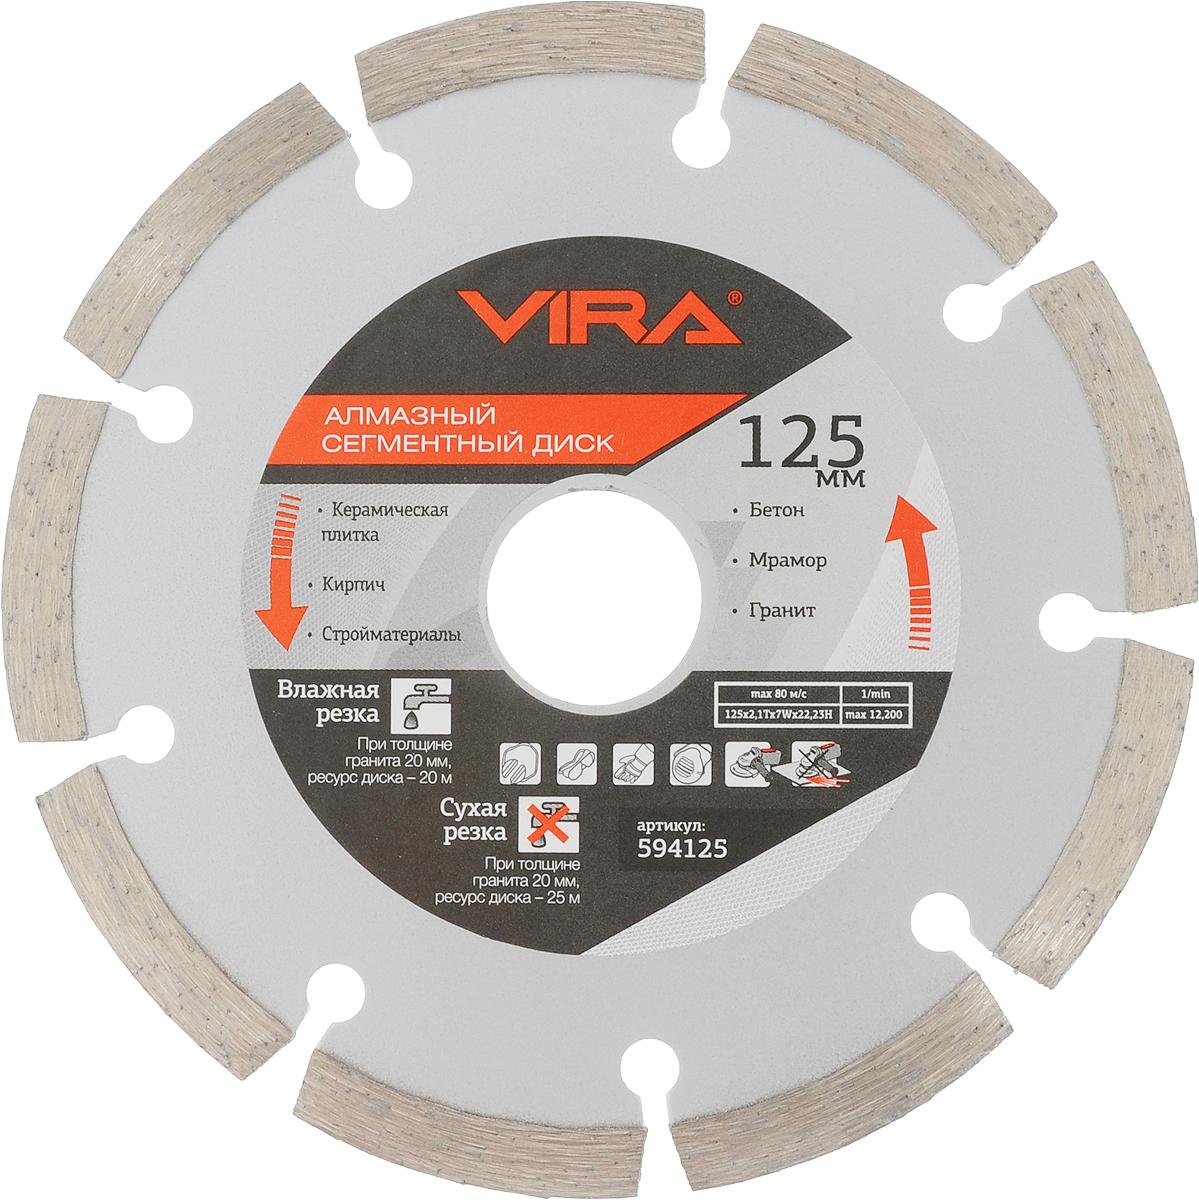 Диск алмазный сегментный Vira, наружный диаметр 125 мм диск алмазный vira турбо наружный диаметр 230 мм 593230